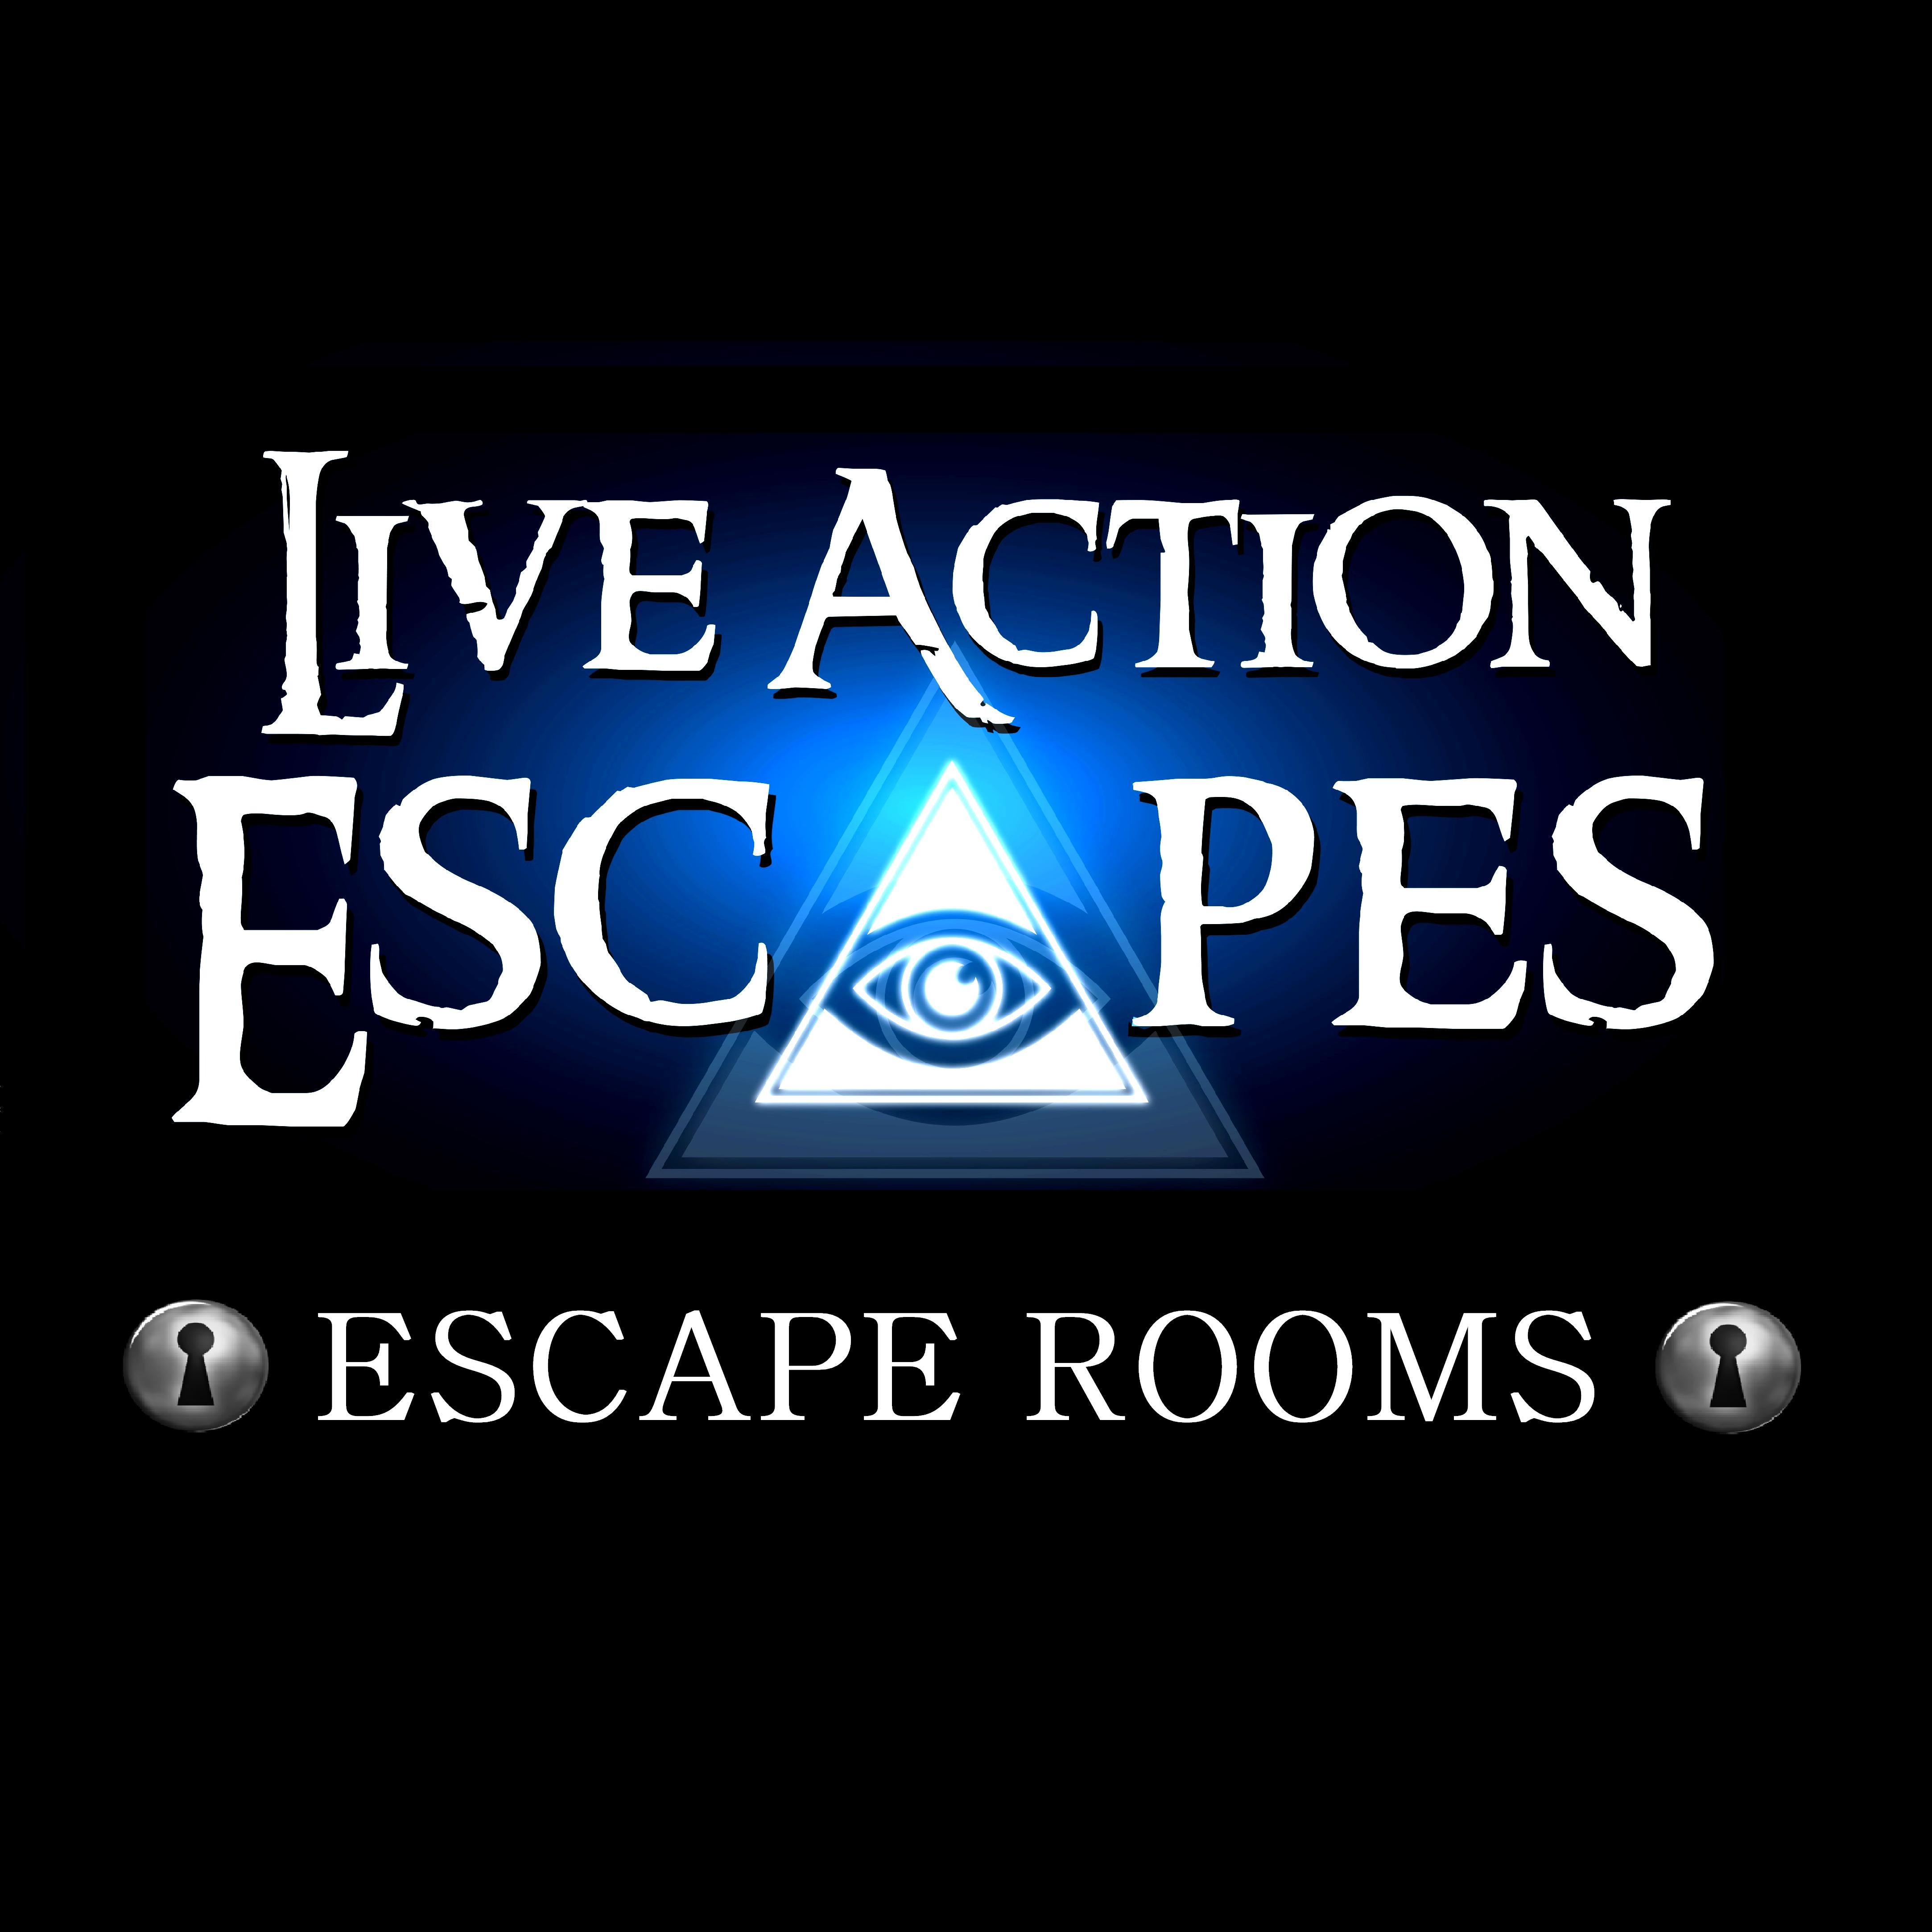 Live Action Escapes image 8